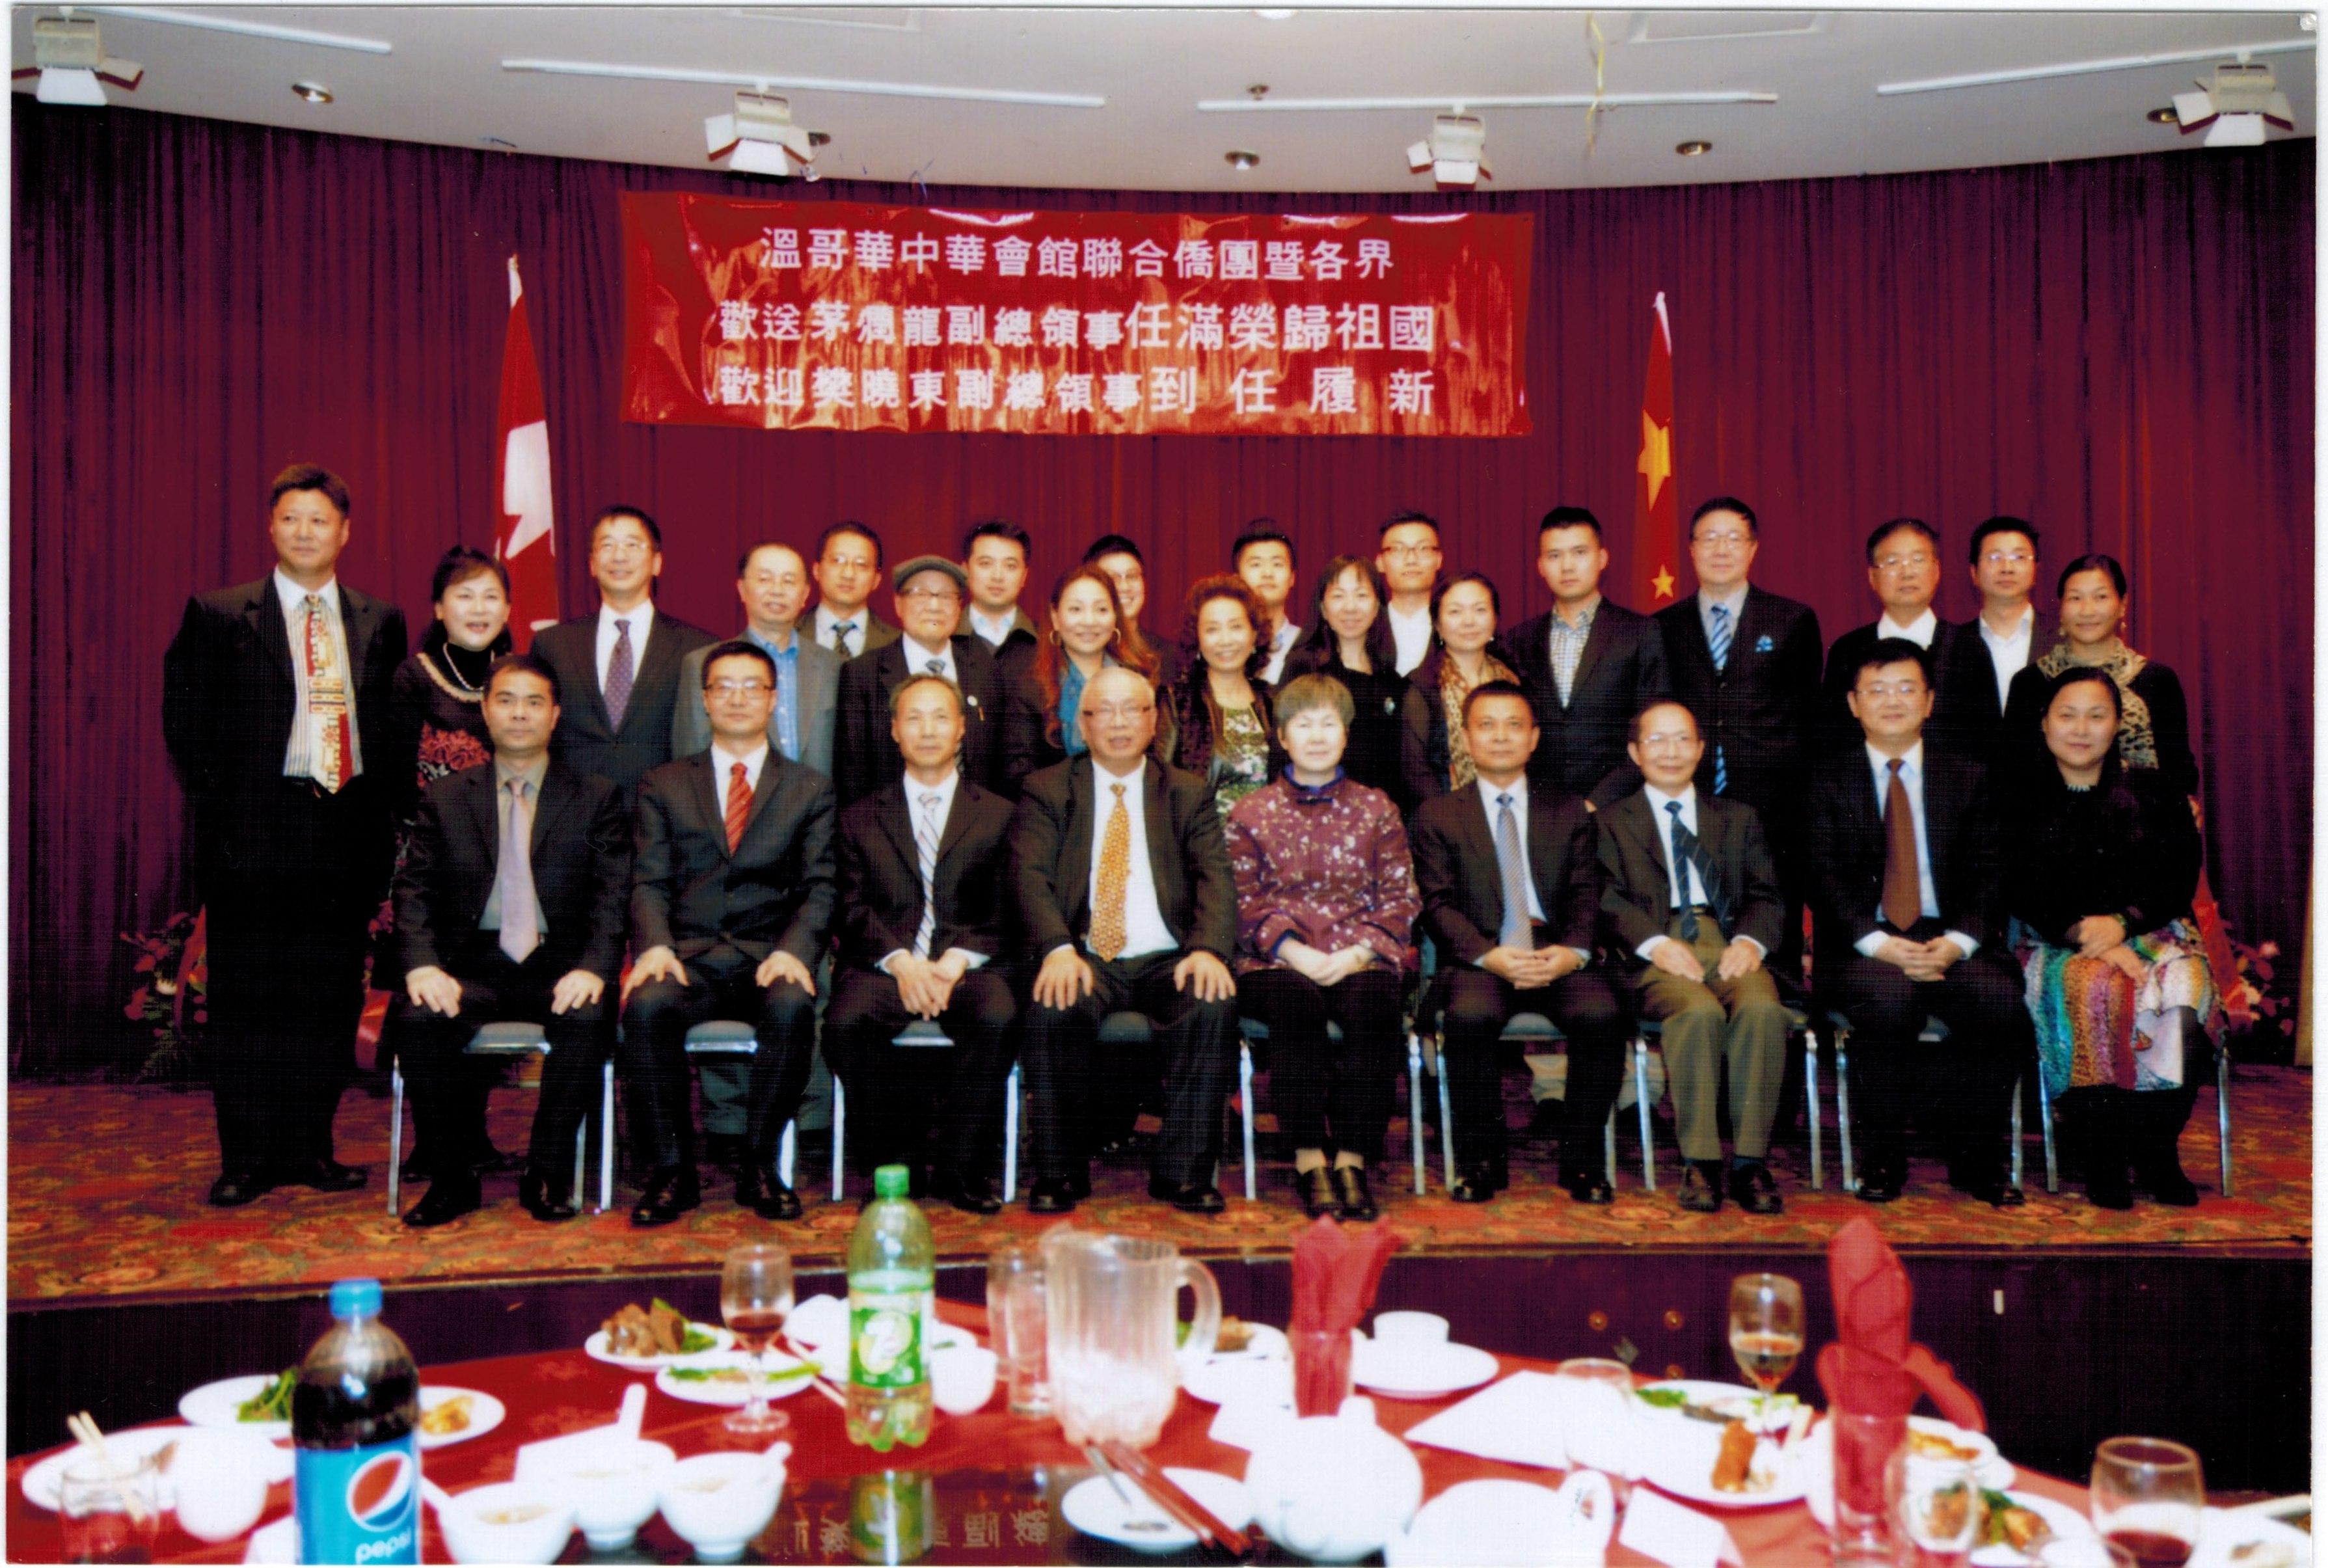 201504zhonglingguan